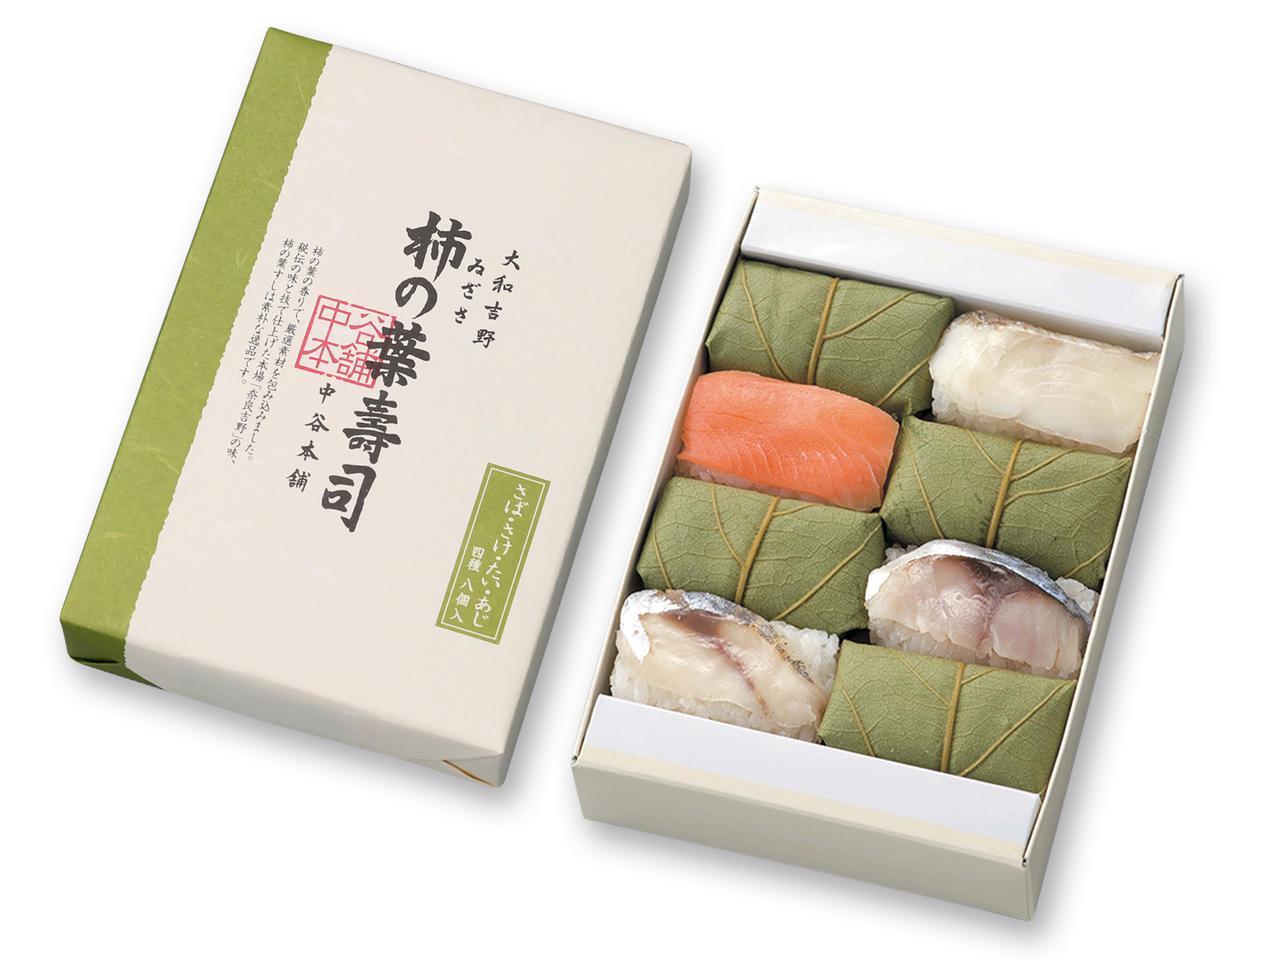 画像3: 「東大寺門前 ゐざさ 夢ひろば店」で柿の葉寿司ランチ